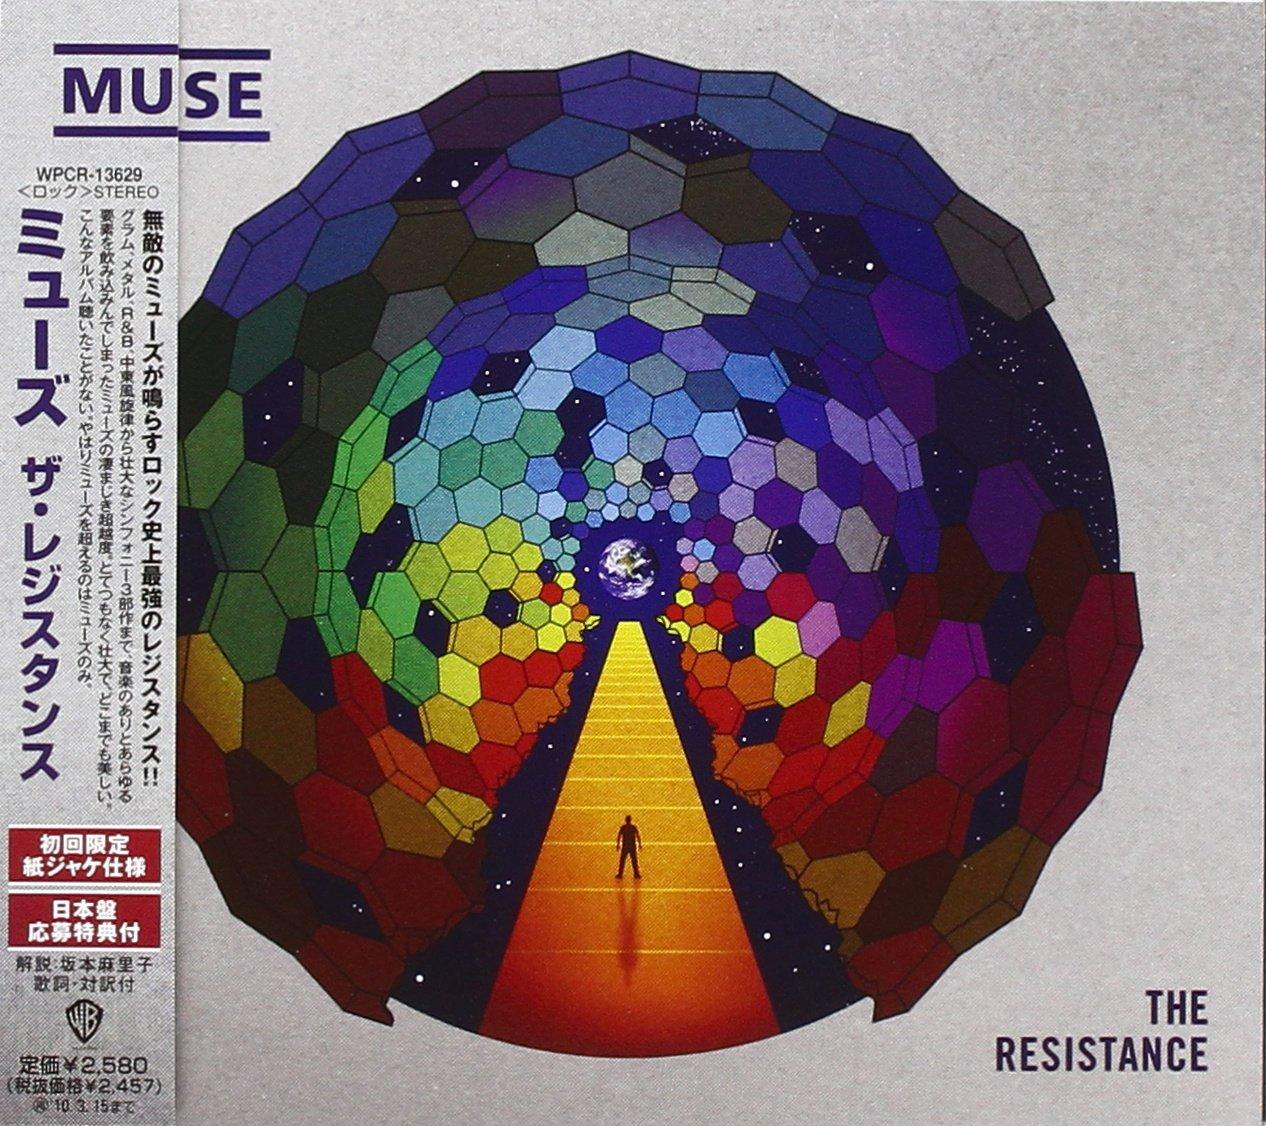 ザ・レジスタンス(MUSE)